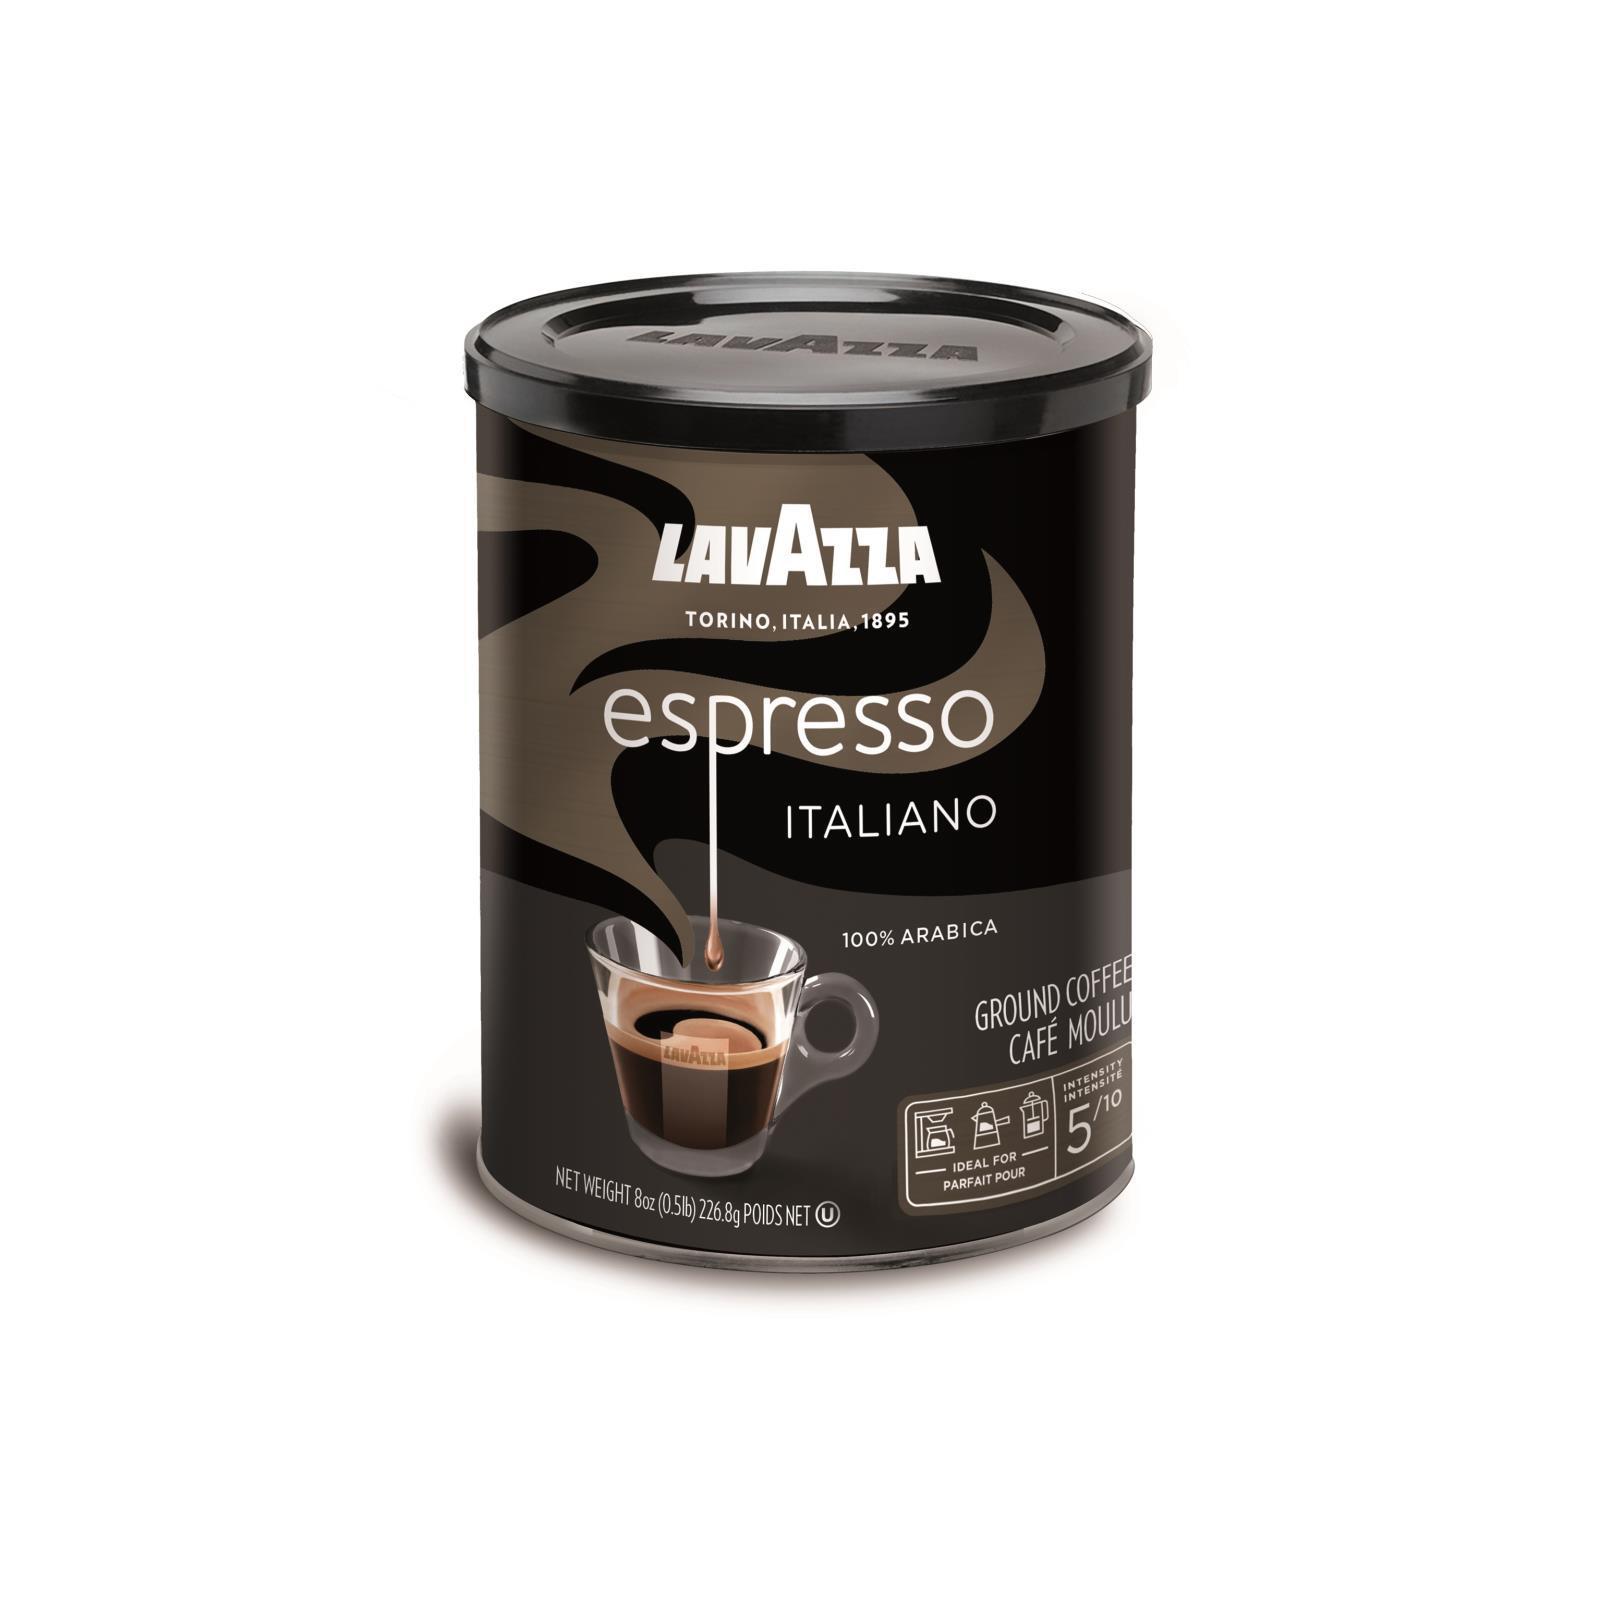 Lavazza Ground Coffee - Espresso Canned - Case of 12 - 8 oz